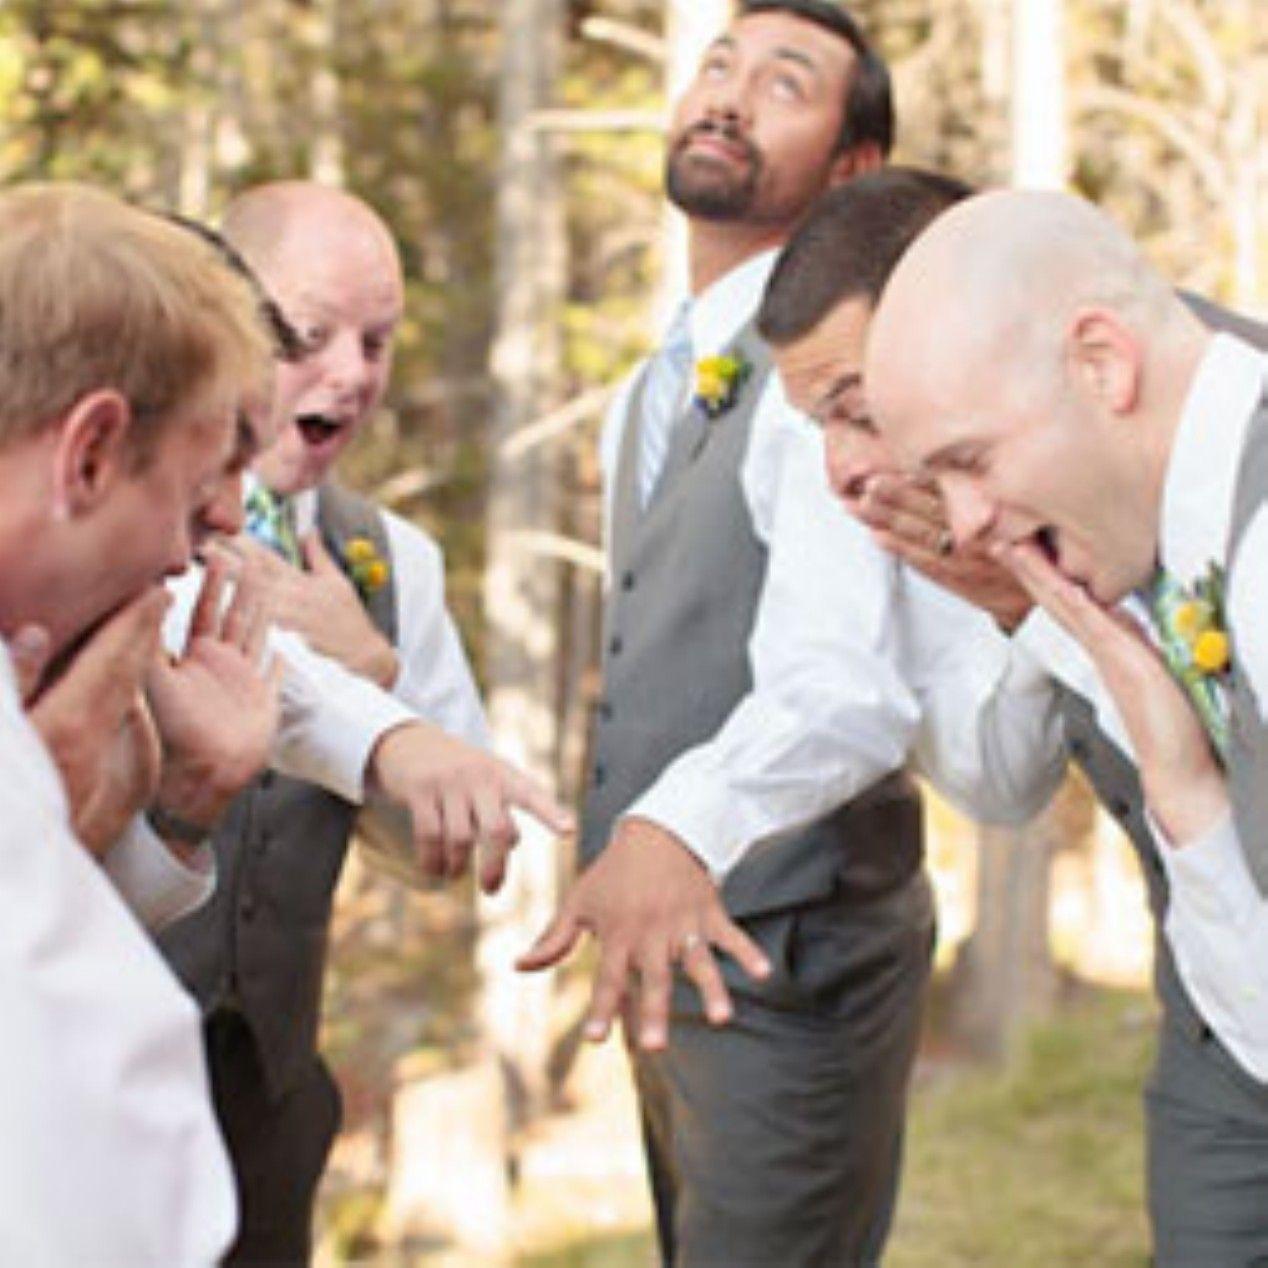 Impressive Lustige Hochzeitsbilder Ideas Of Cool 65 Elegant Groom And Groomsmen Wedding